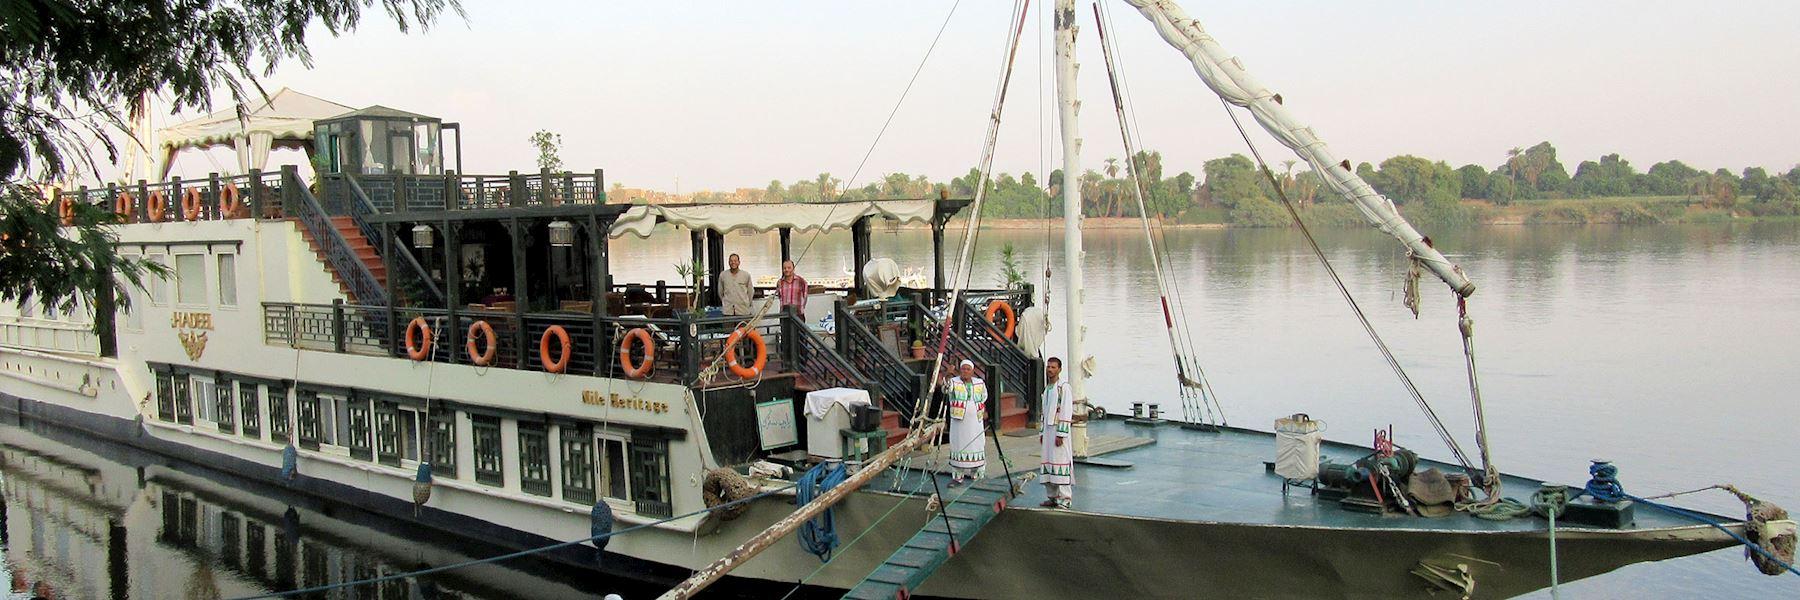 Cruise Ships in Egypt: Hadeel Dahabiyya